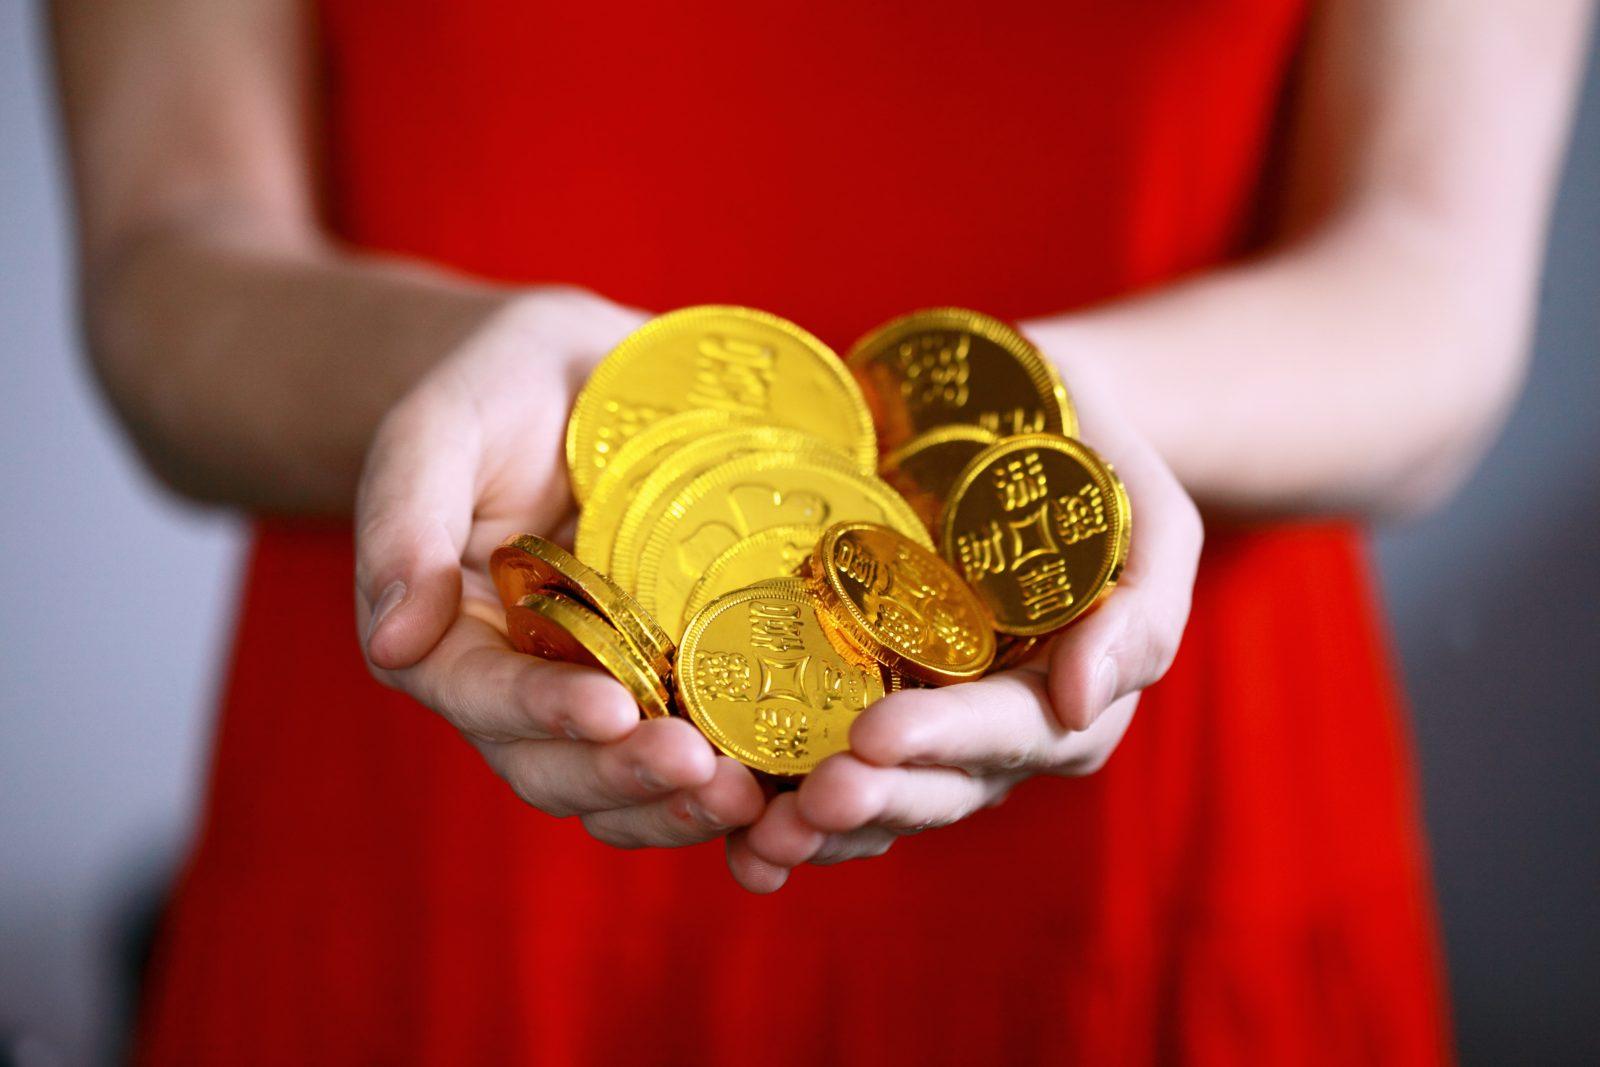 21LIVEではコインが収益になる